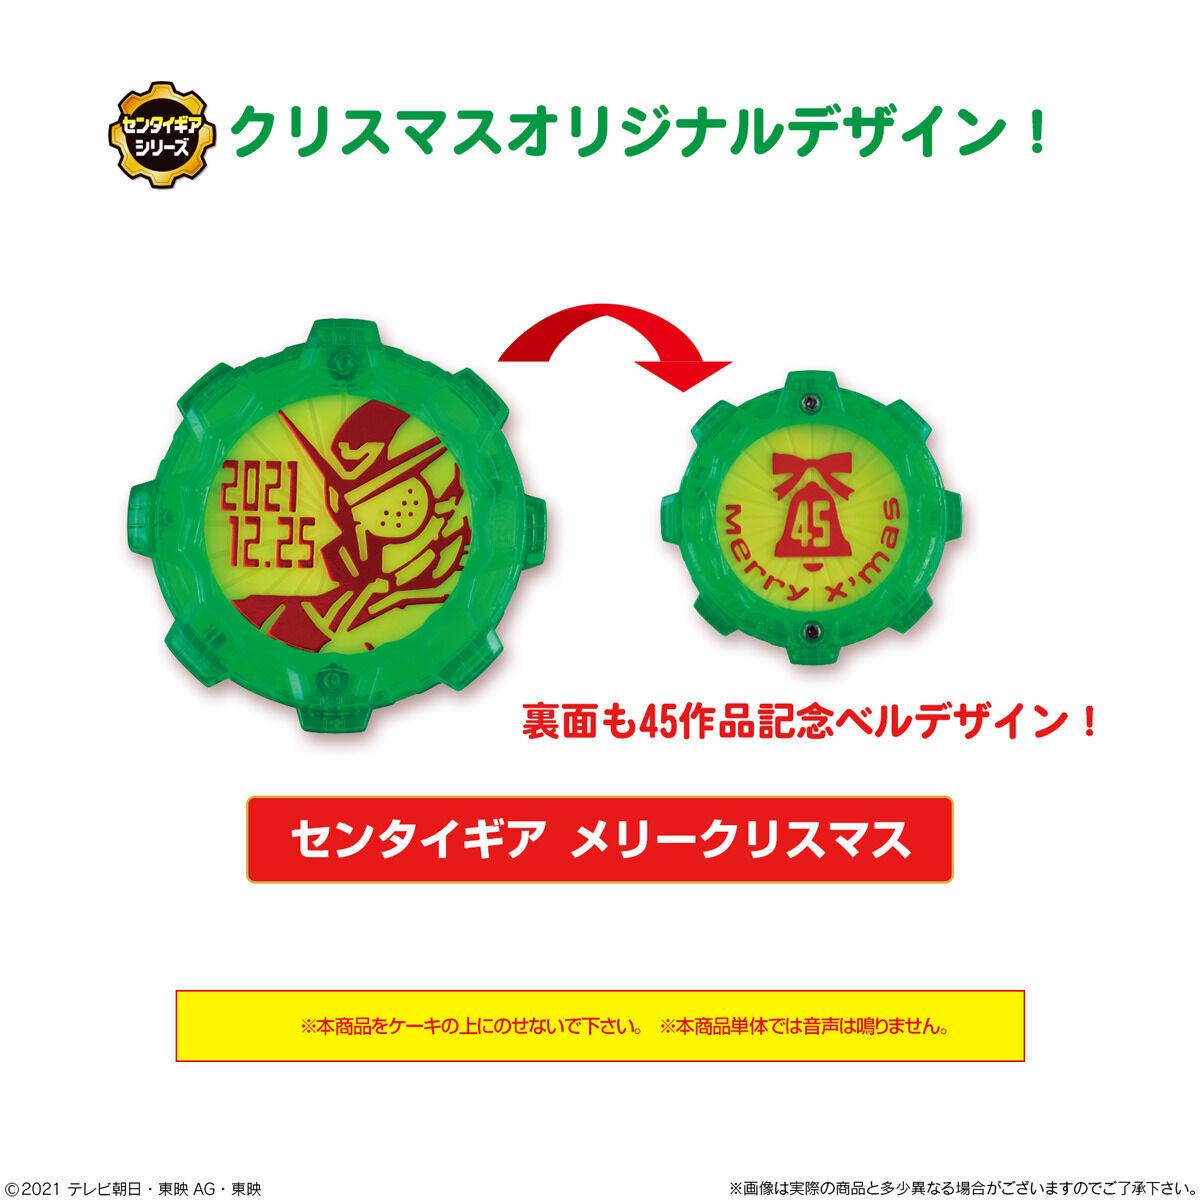 【特典あり】キャラデコクリスマス 機界戦隊ゼンカイジャー(5号サイズ)_1